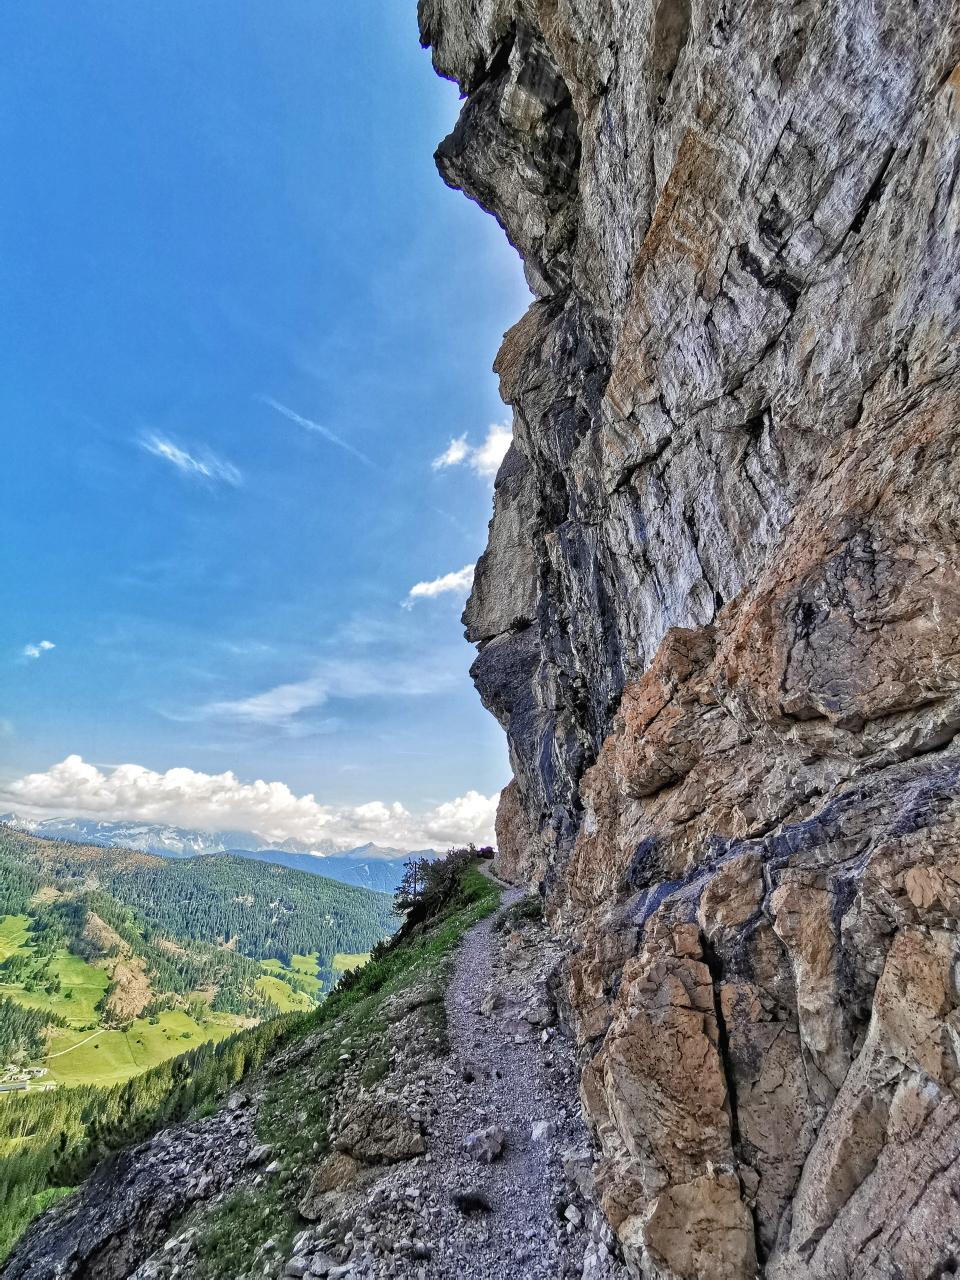 Toller Panoramaweg beim Abstieg vom Grande Apostolo